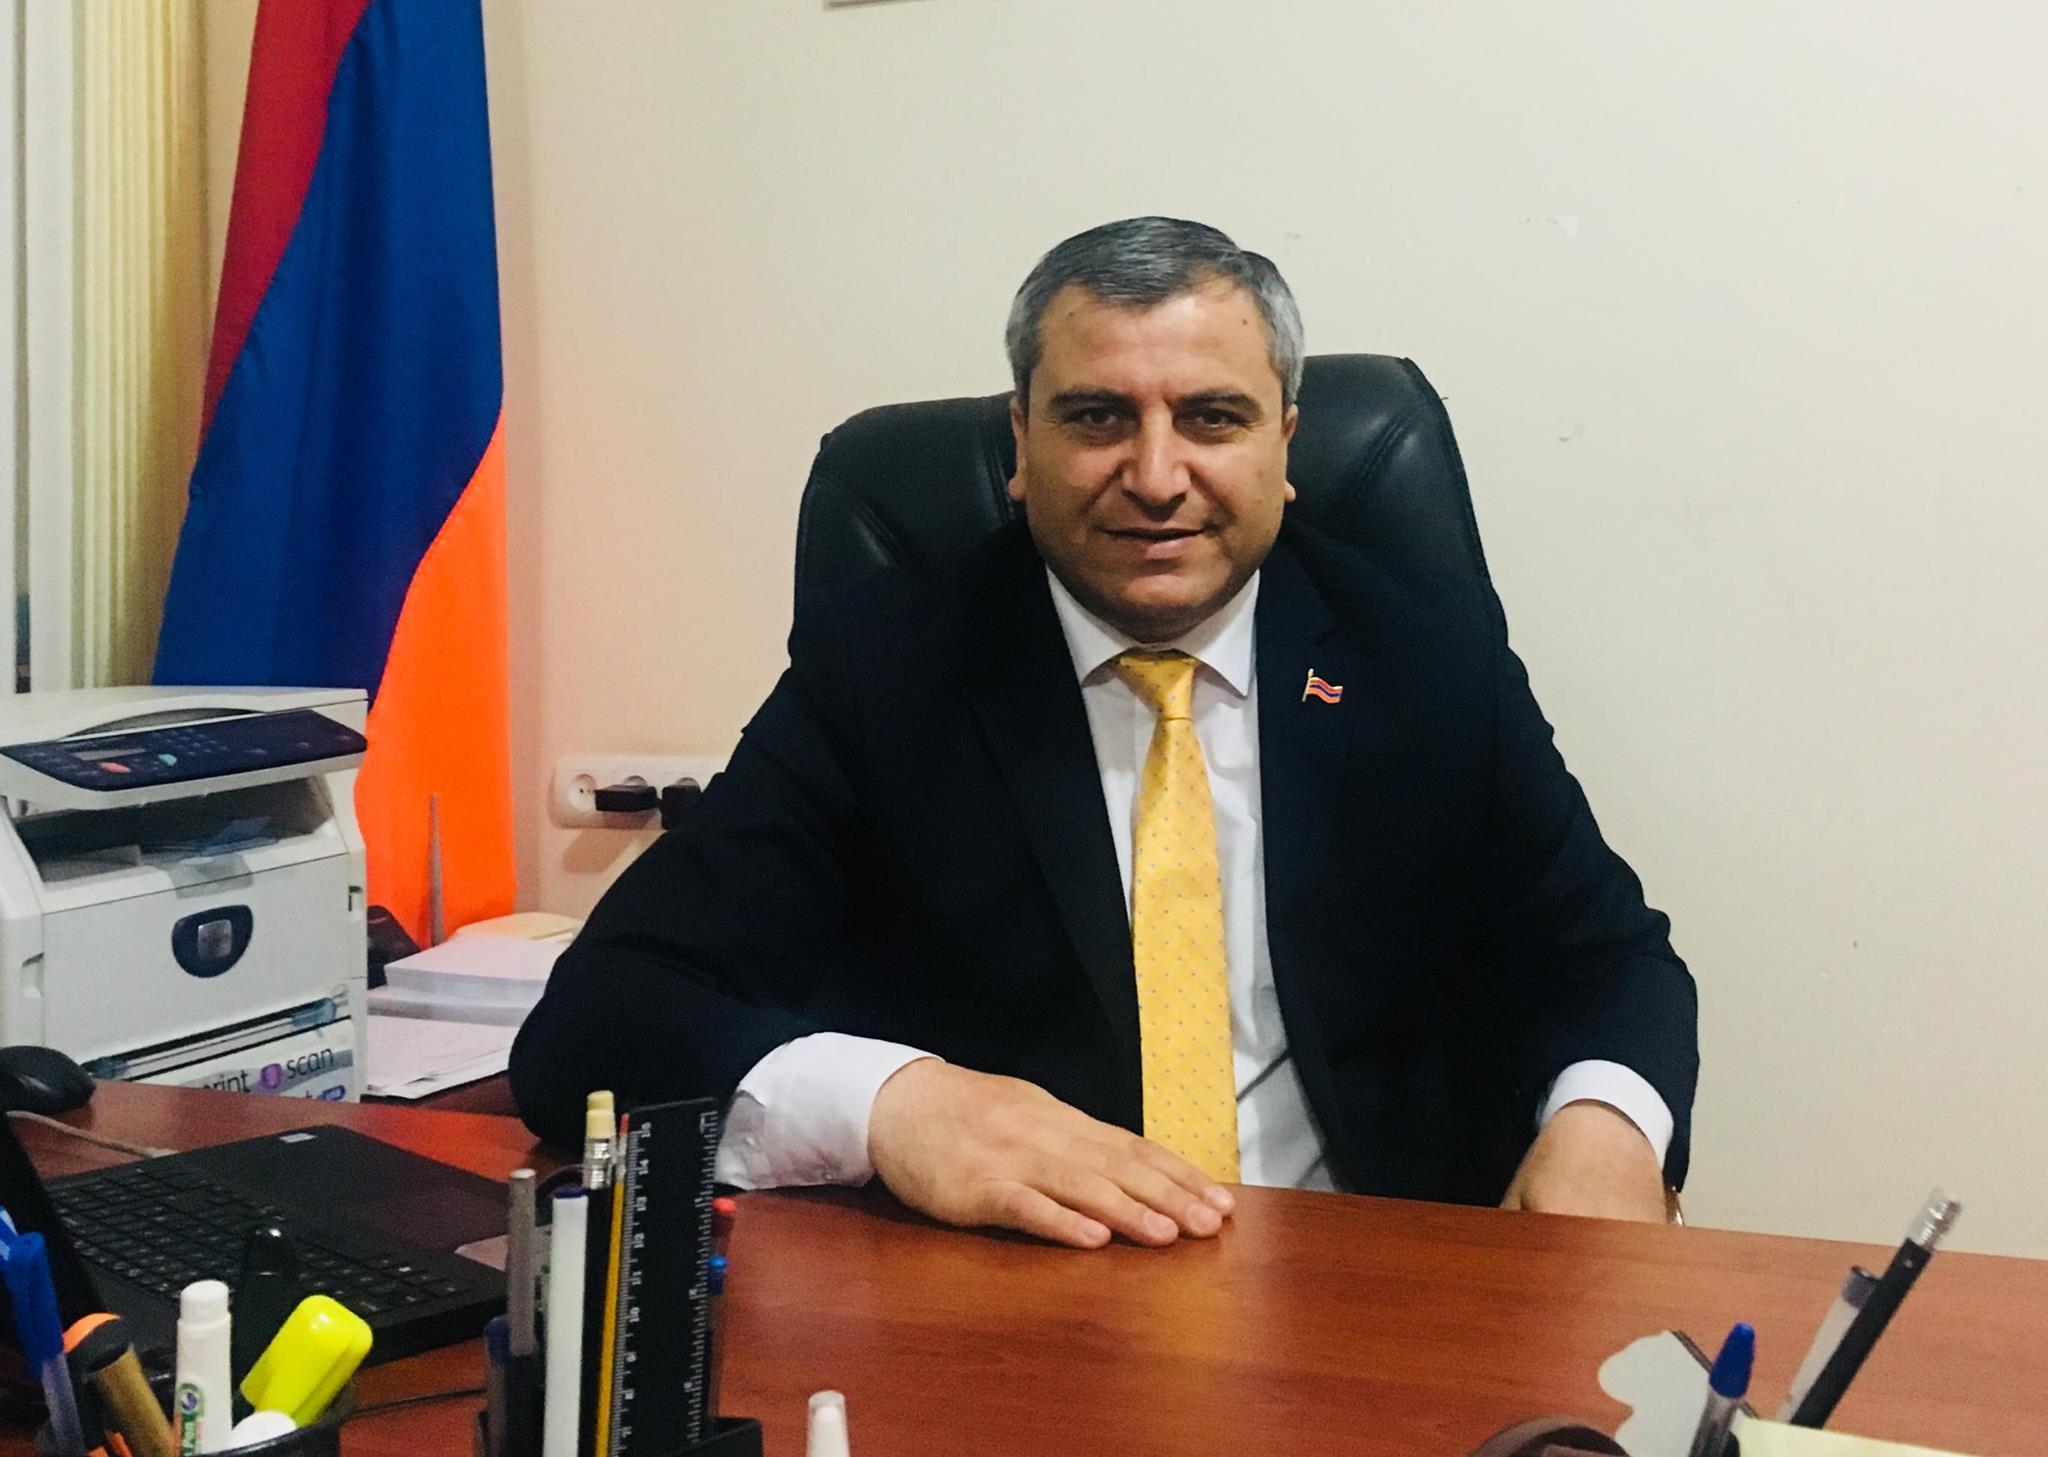 Photo of Սերժ Սարգսյանից լավ որևէ մեկը չի կարող գիտակցել՝  ռևանշի որևէ փորձ ավարտվելու է էլ ավելի անփառունակ վերջաբանով. Նորայր Նորիկյան